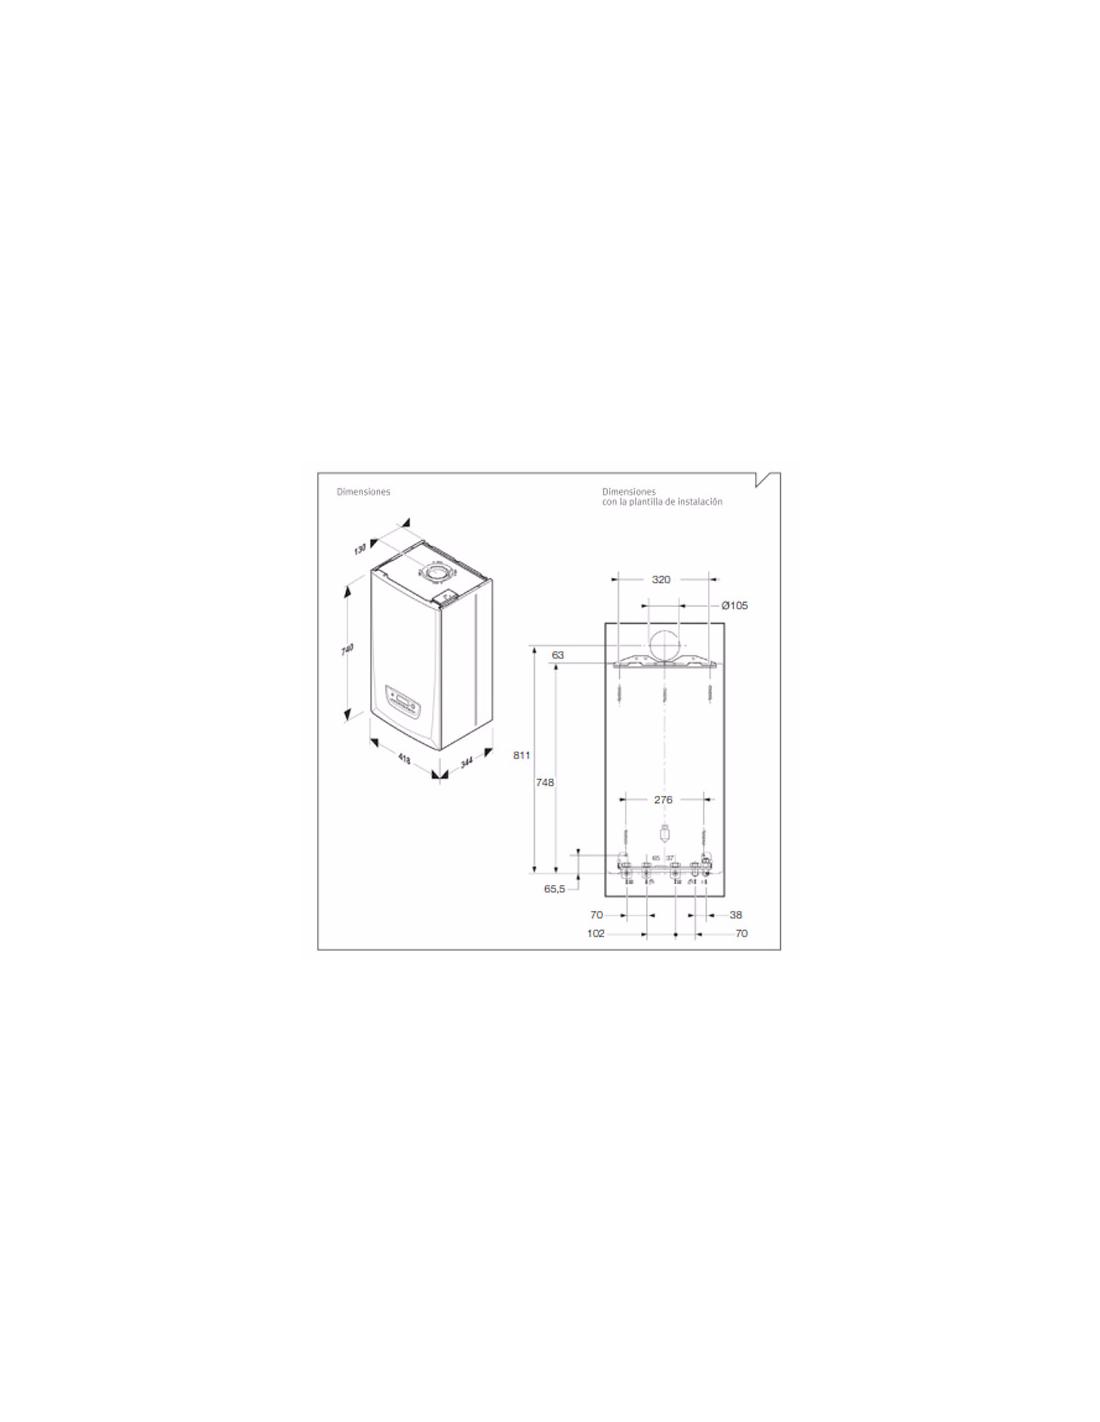 Inodoro roca serie element tanque bajo instalaci n de for Roca element precio